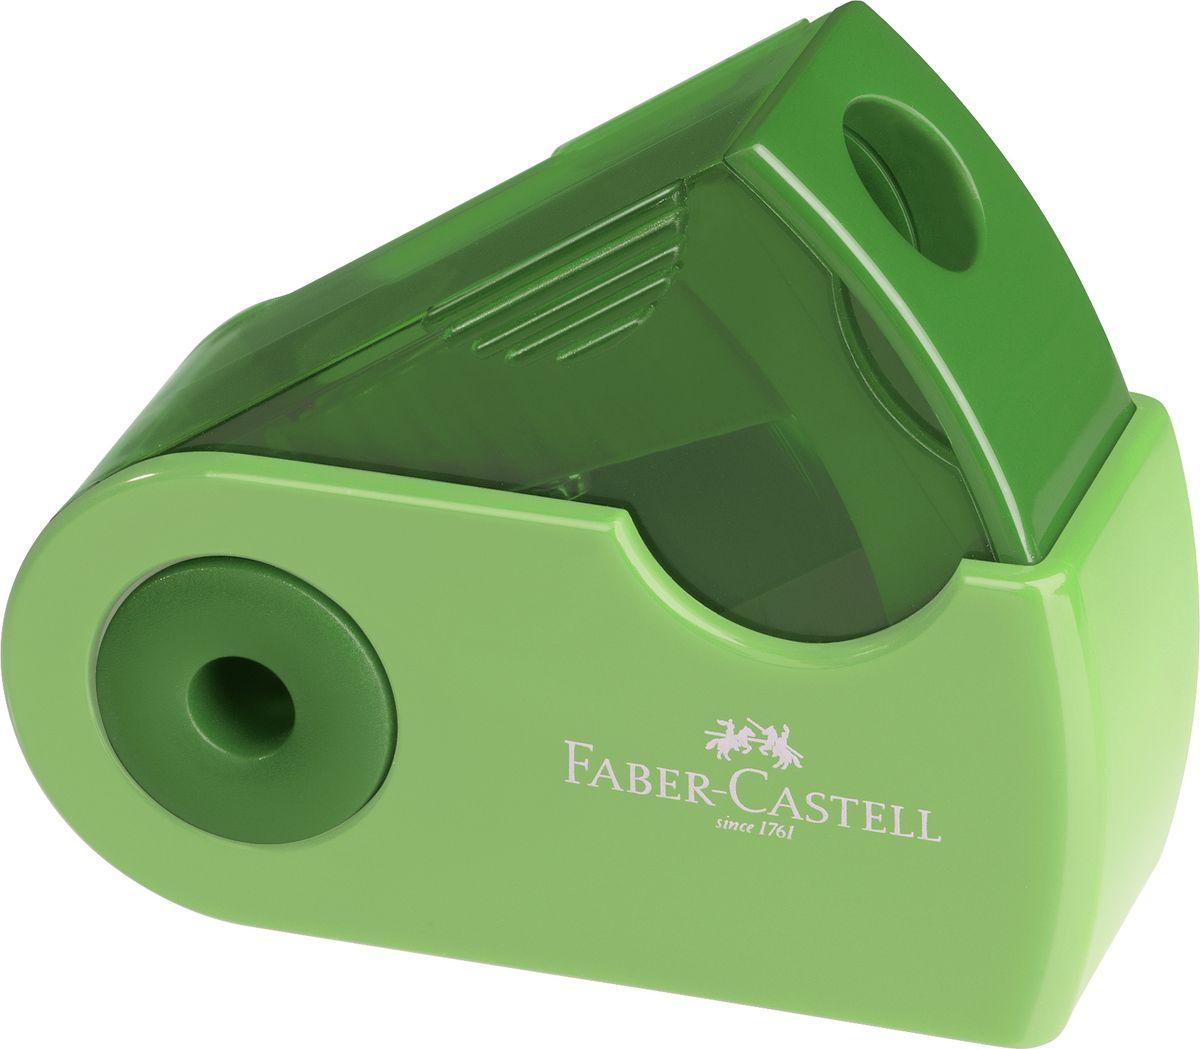 Faber-Castell Точилка Sleeve цвет зеленый182712Точилка Faber-Castell Sleeve выполнена из прочного пластика.В точилке имеется одно отверстие для различных видов карандашей. Эргономичная форма контейнера обеспечивает стабильное положение кисти. Карандаш затачивается легко и аккуратно, а опилки после заточки остаются в специальном контейнере повышенной вместимости.